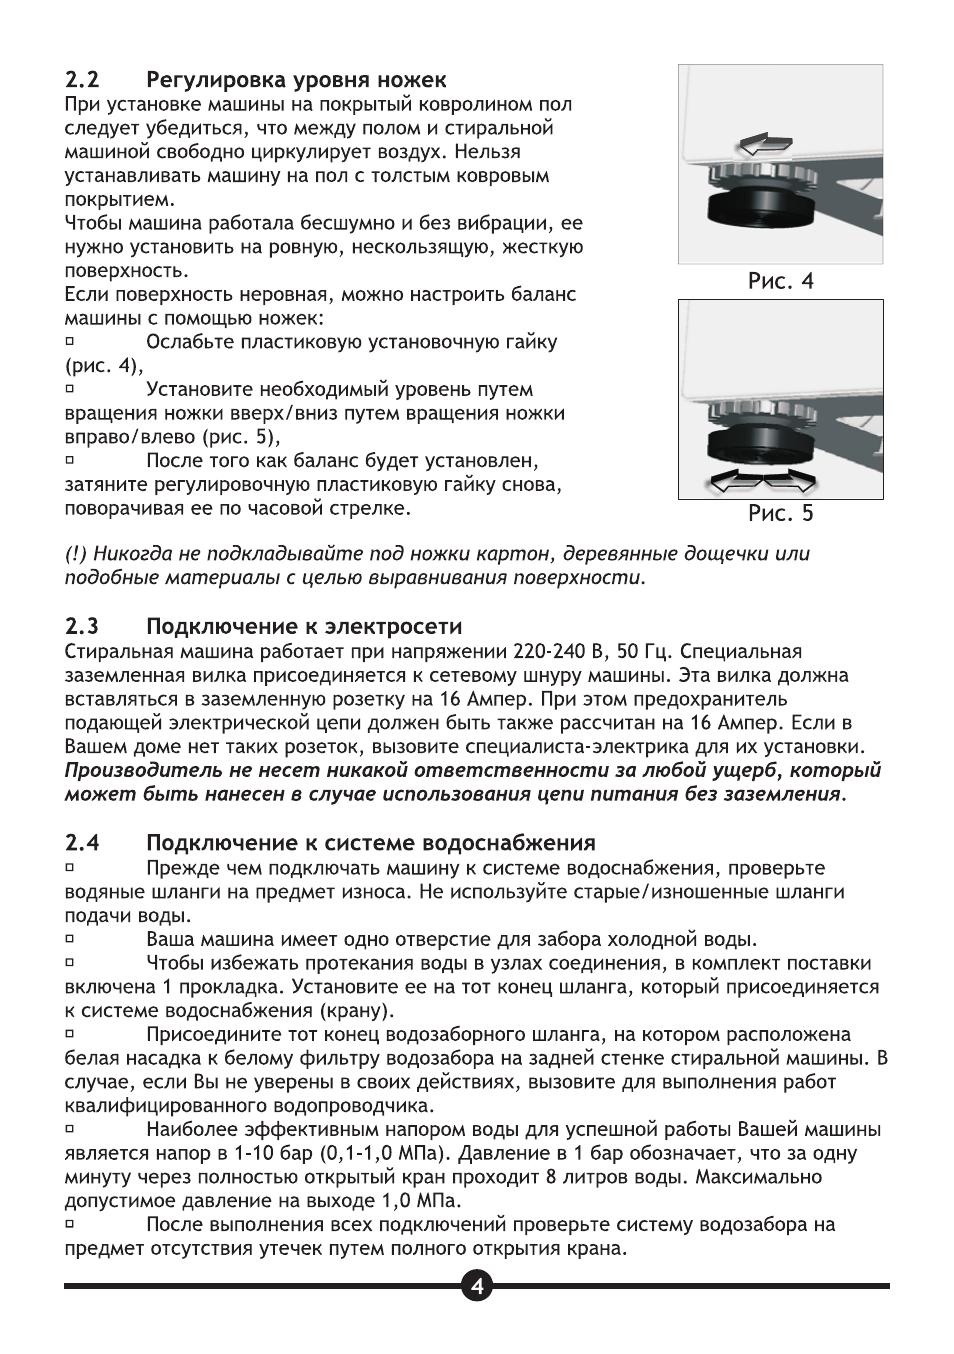 2 регулировка уровня ножек, 3 подключение к электросети, 4 подключение к системе водоснабжения